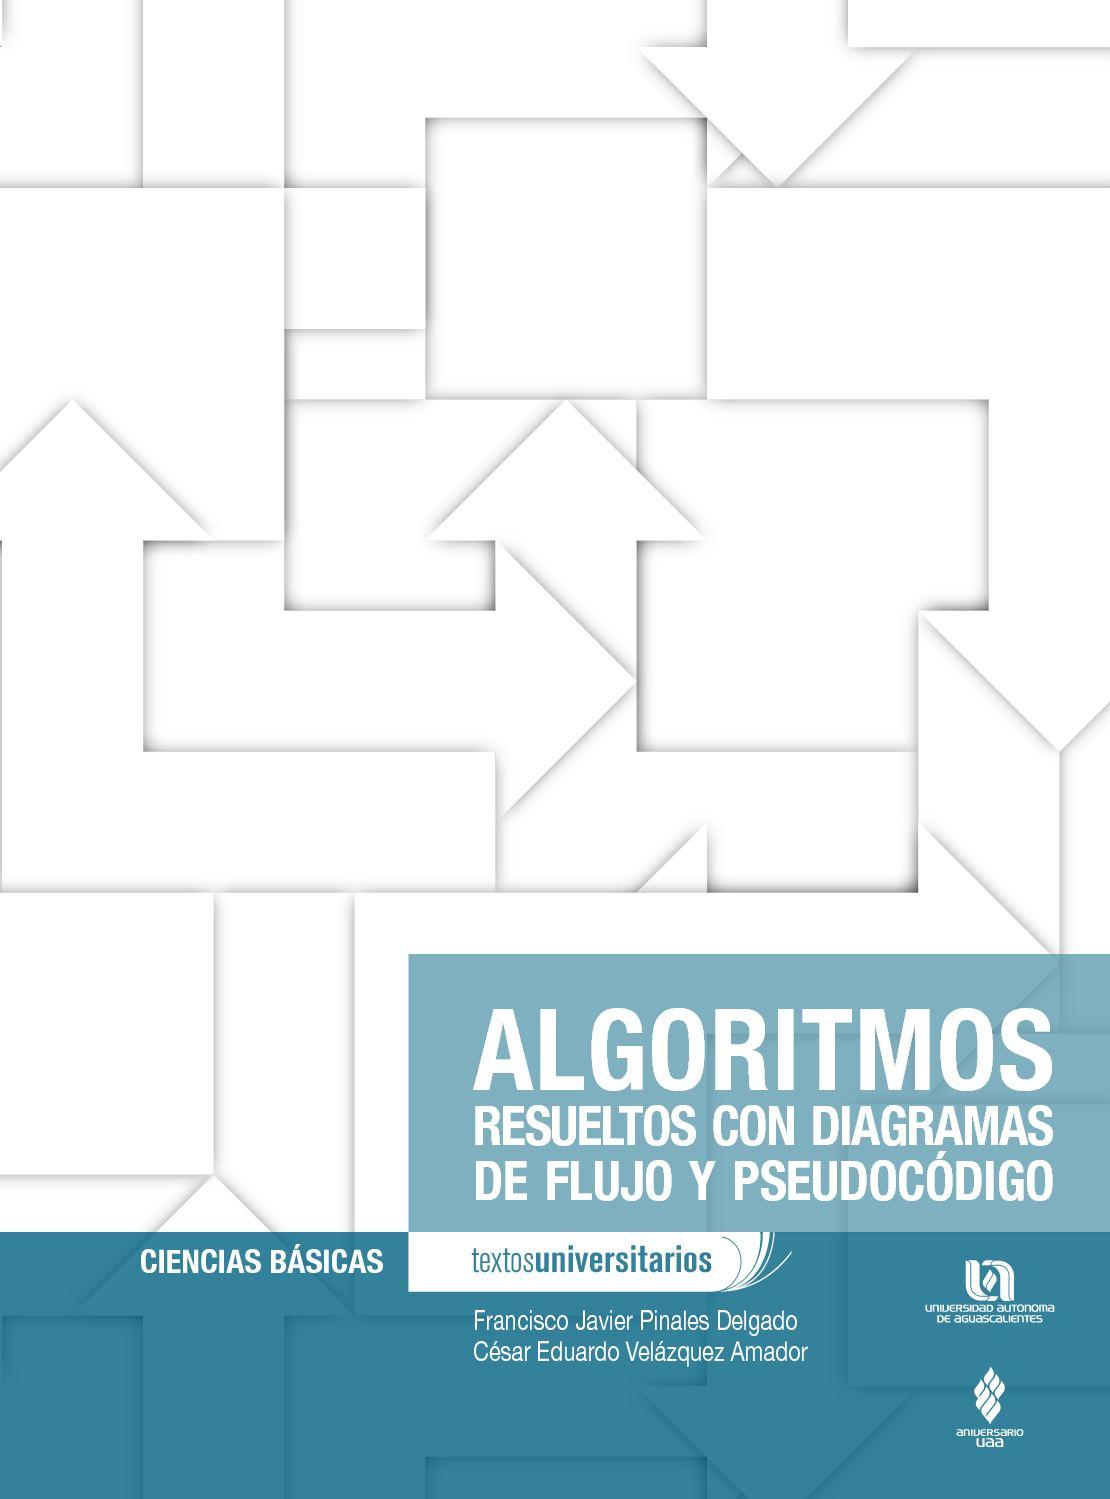 Calamo algoritmos resueltos con diagramas de flujo y pseudocdigo ccuart Image collections